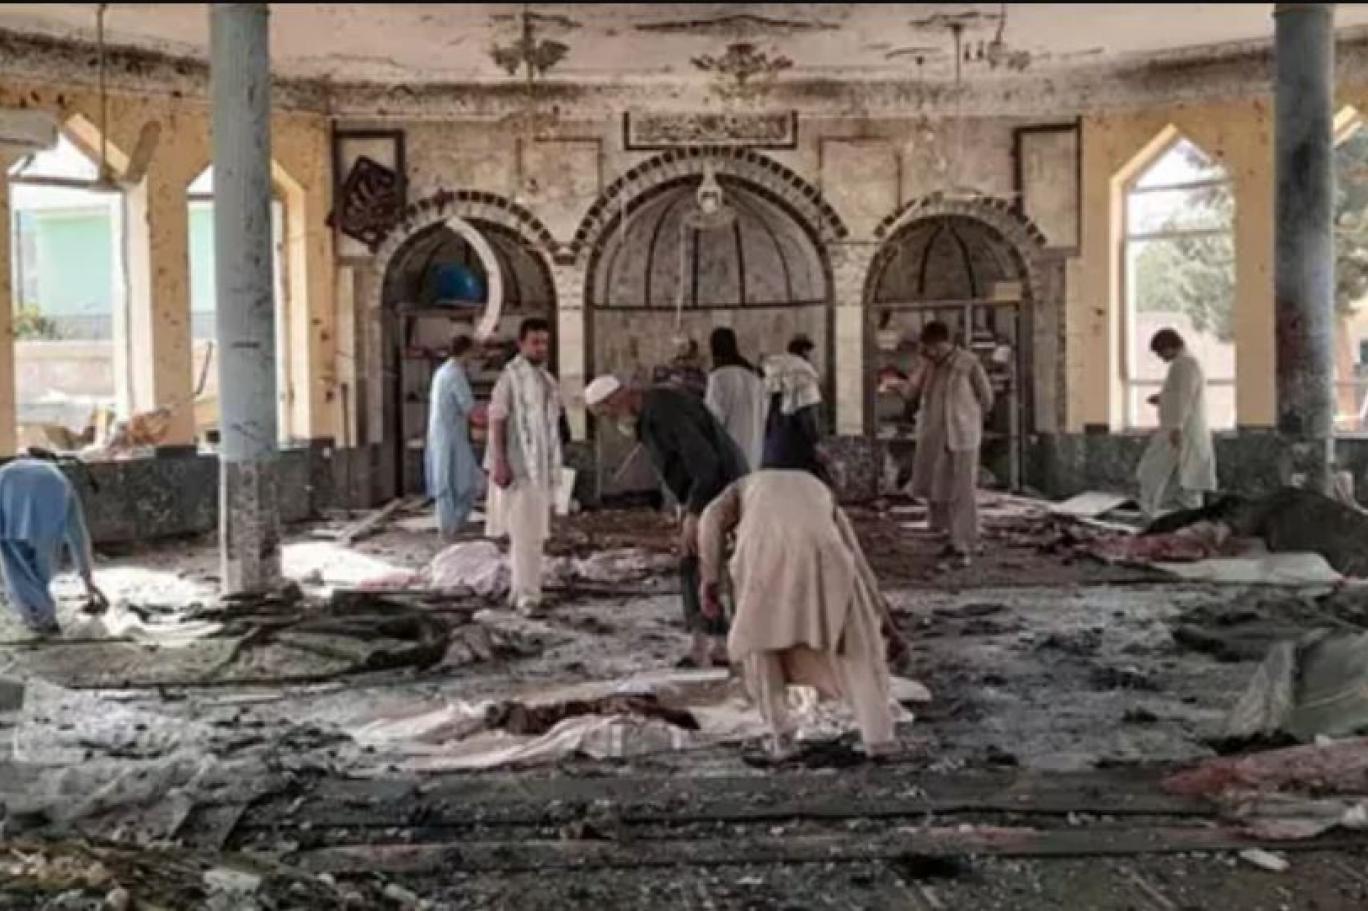 Afganistan'da 47 kişinin öldüğü cami saldırısını IŞİD üstlendi